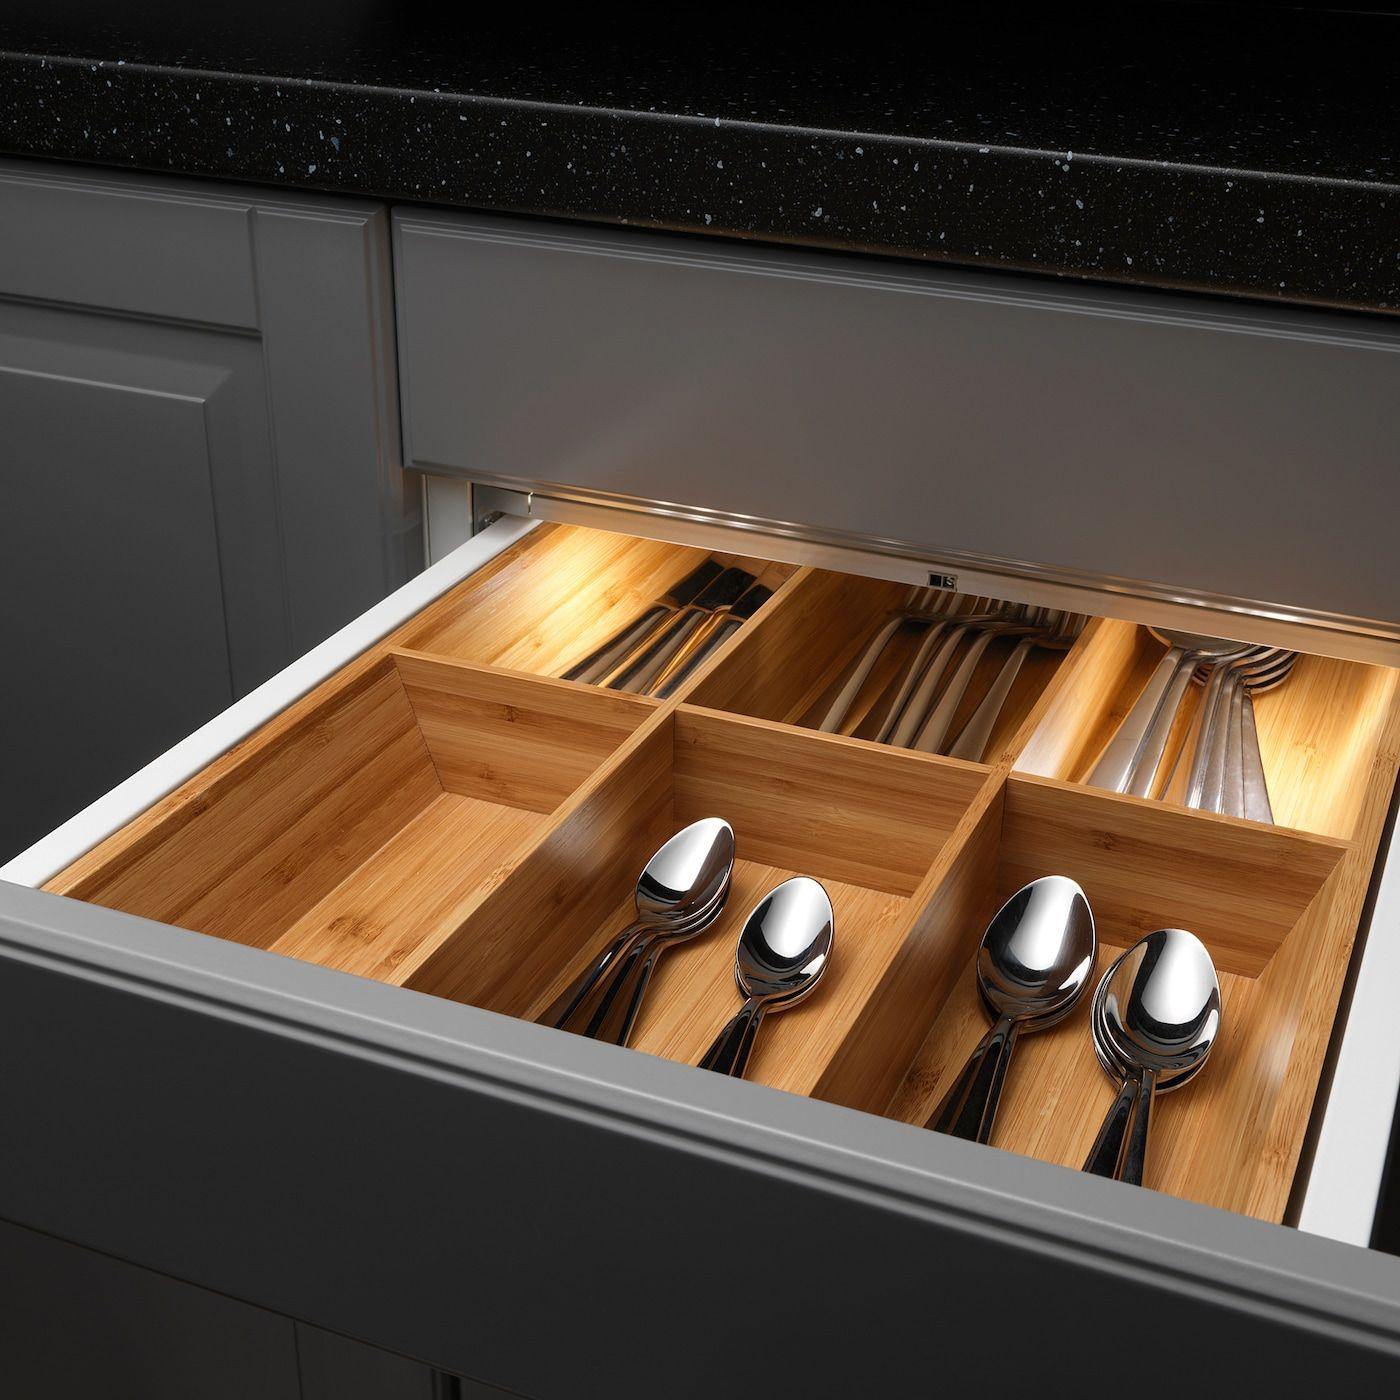 OMLOPP LED light strip for drawers aluminium colour IKEA